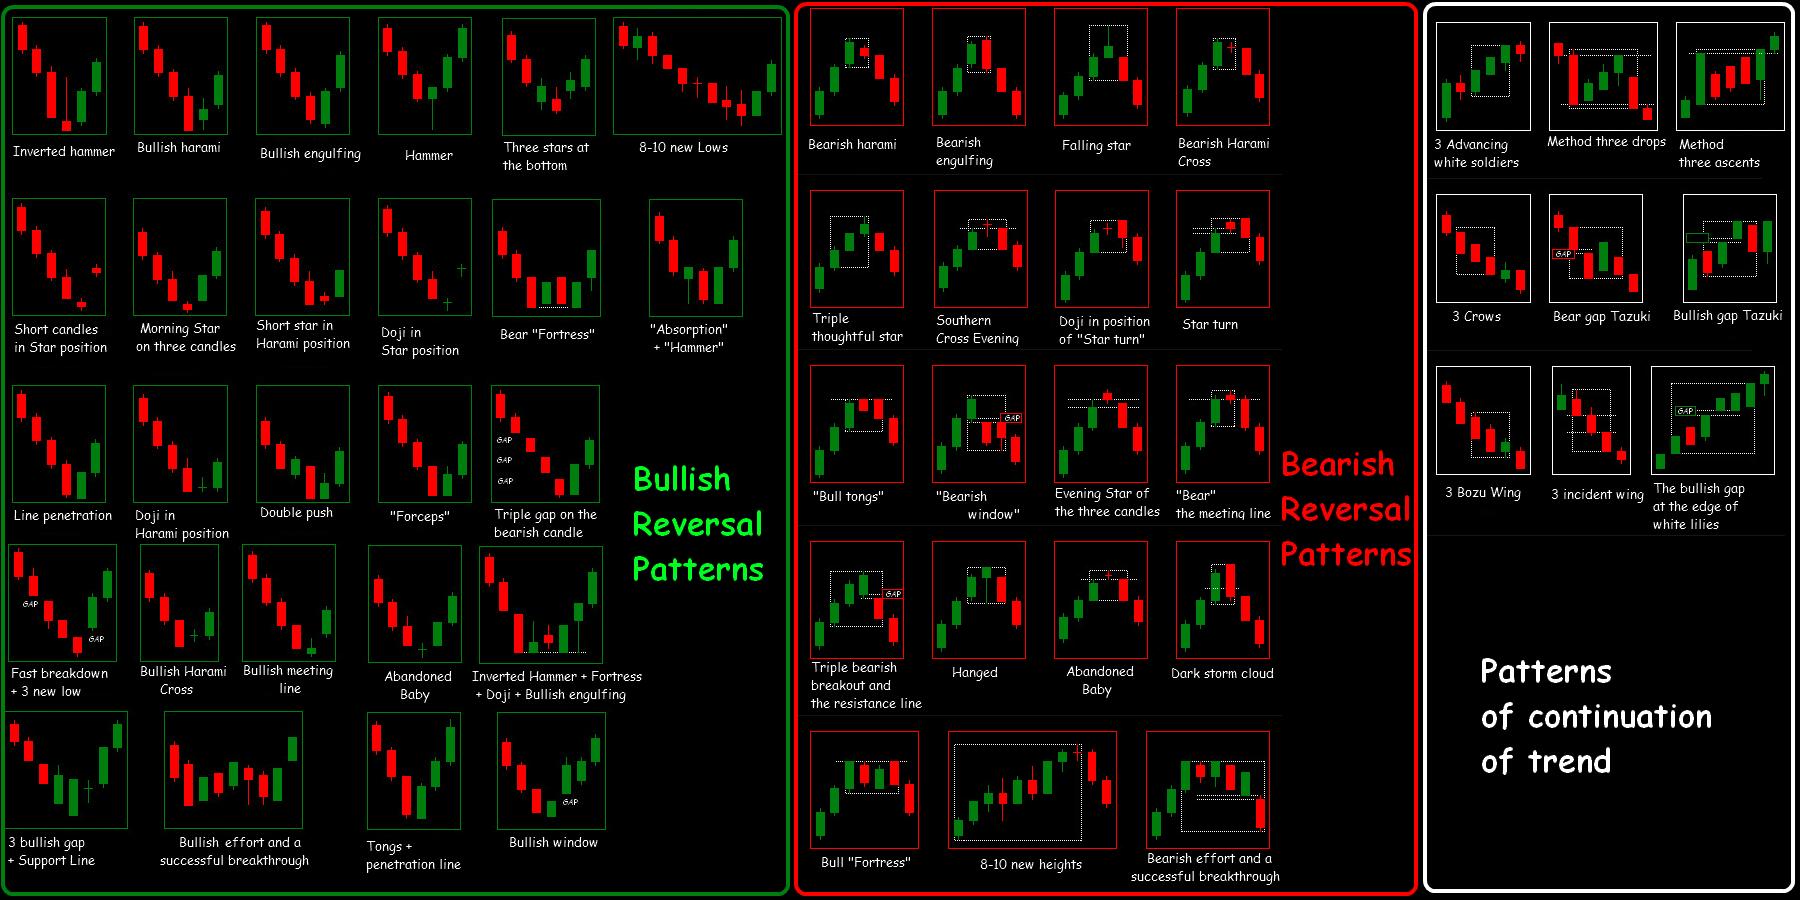 bináris opciók kereskedése minimális befektetéssel